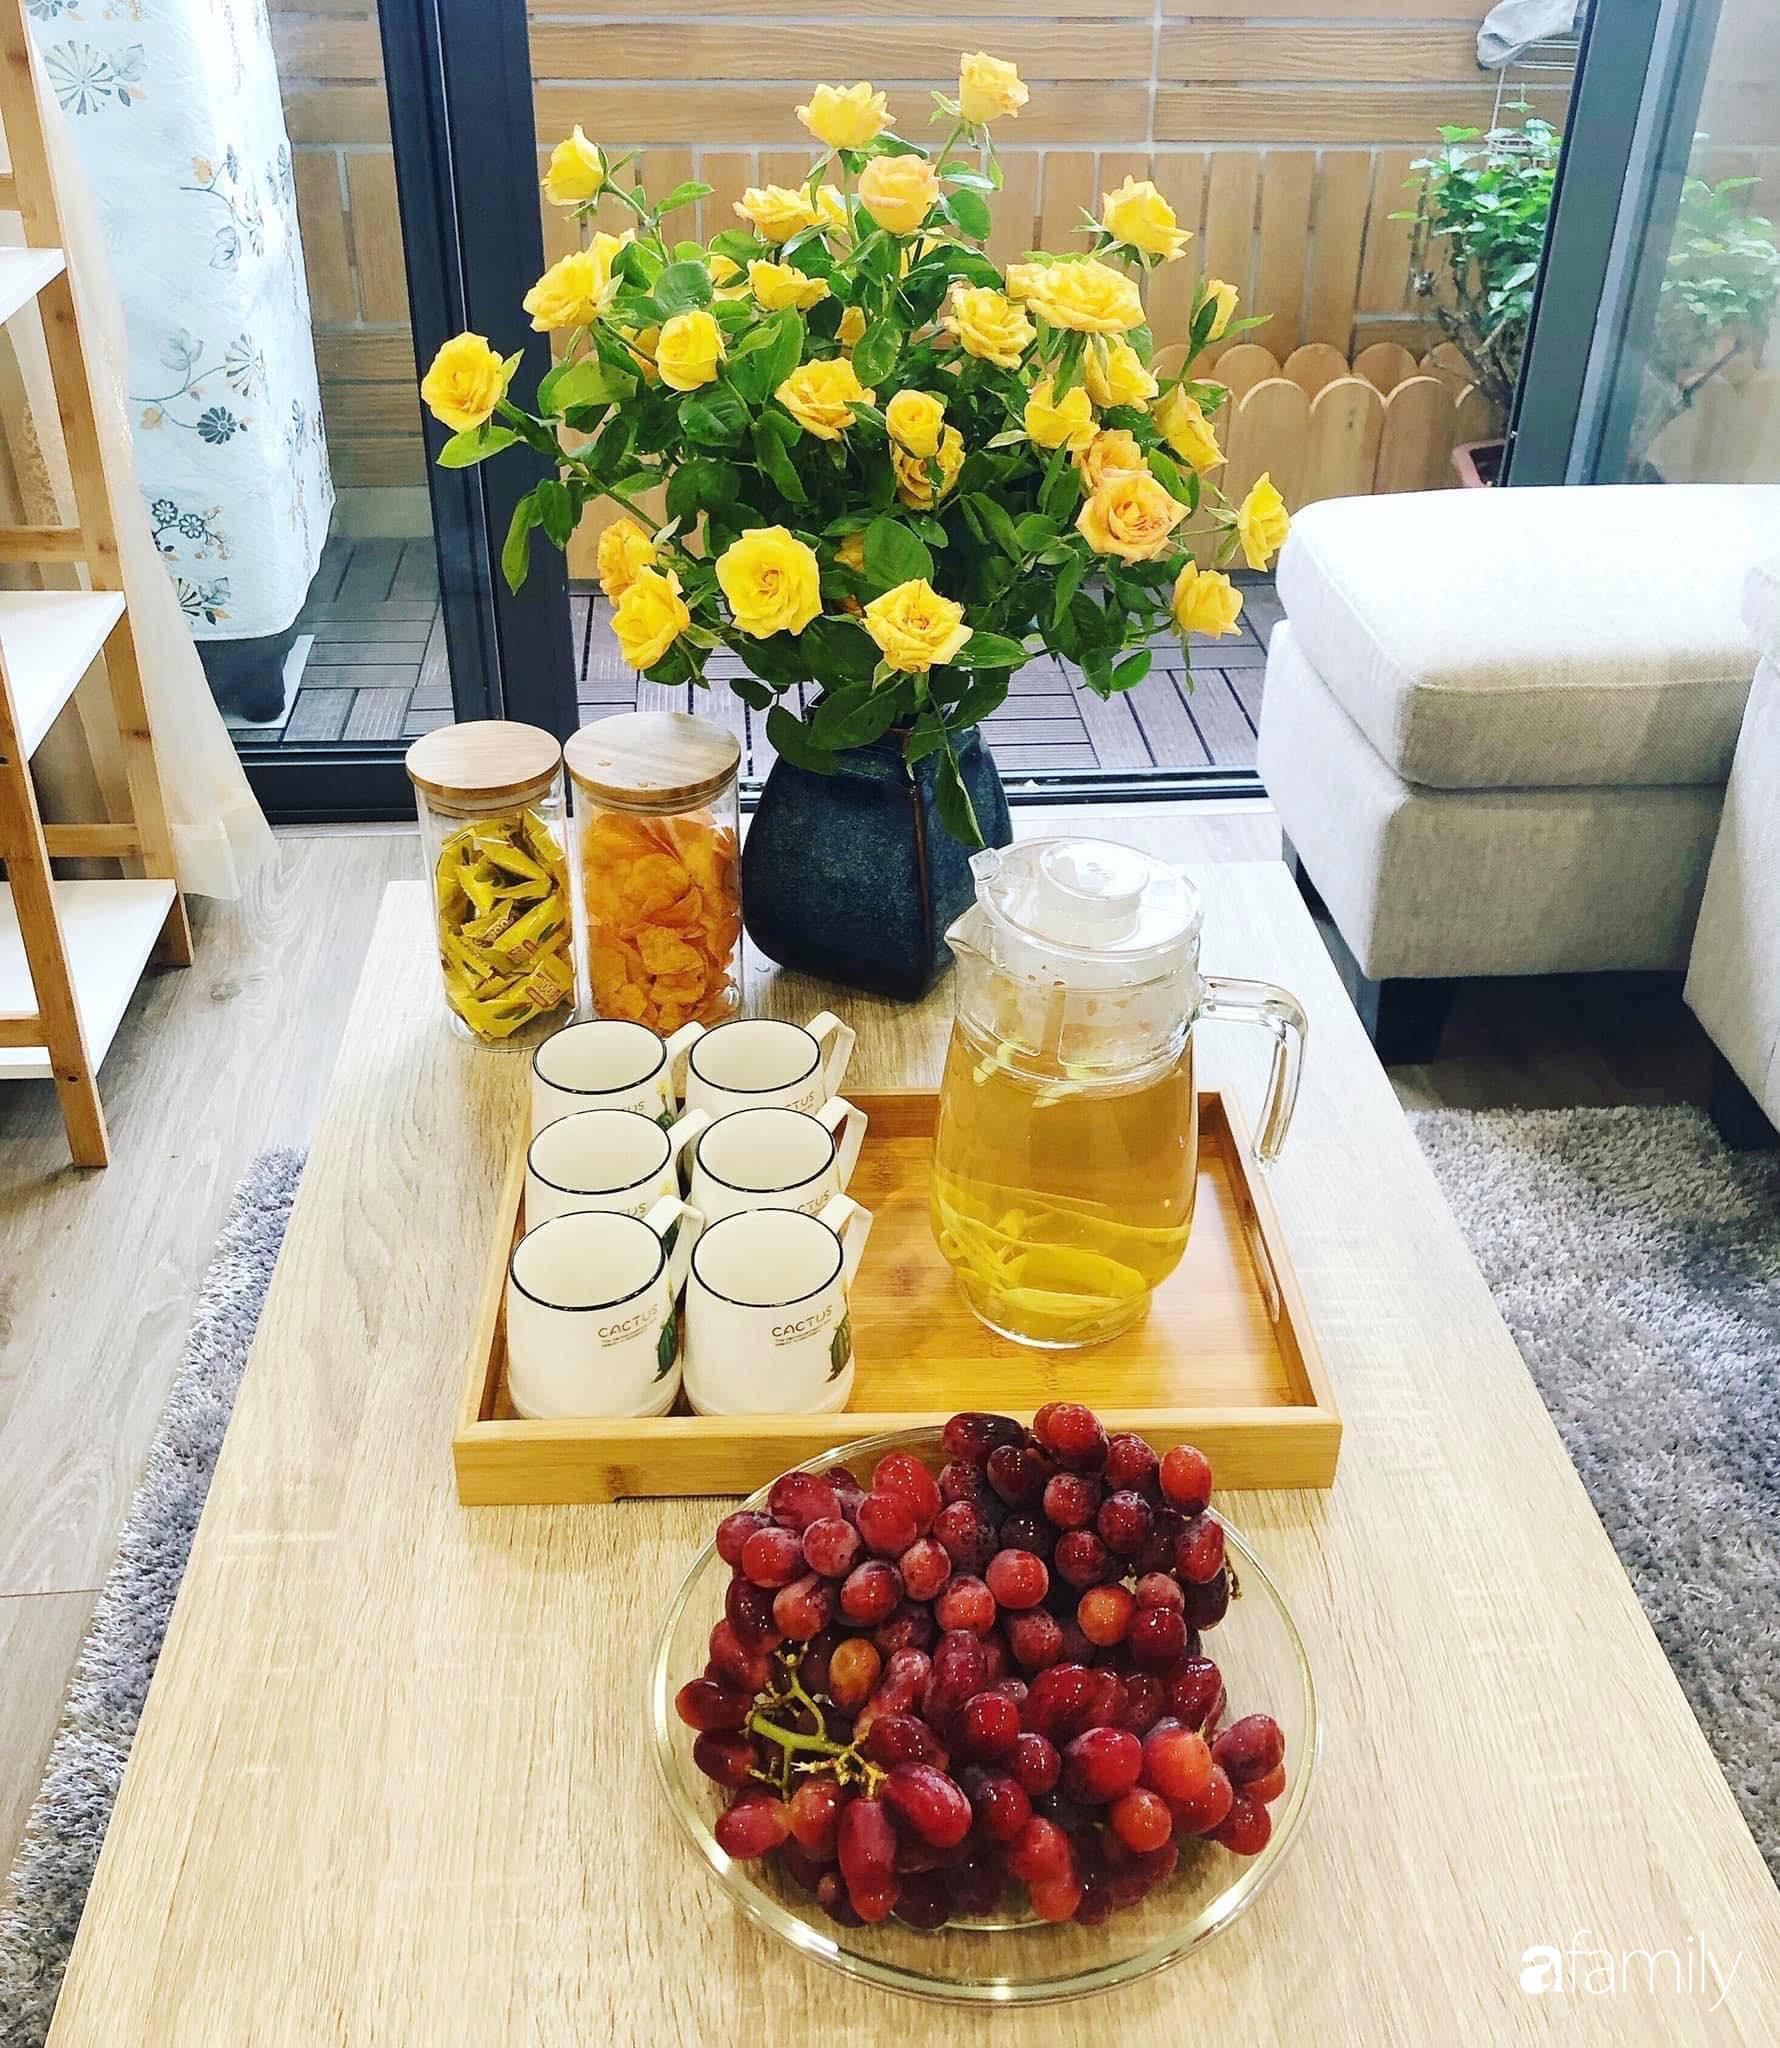 Căn hộ 76,9m2 đầm ấm với sắc hoa dịu dàng đón Tết ở Mỹ Đình, Hà Nội - Ảnh 9.